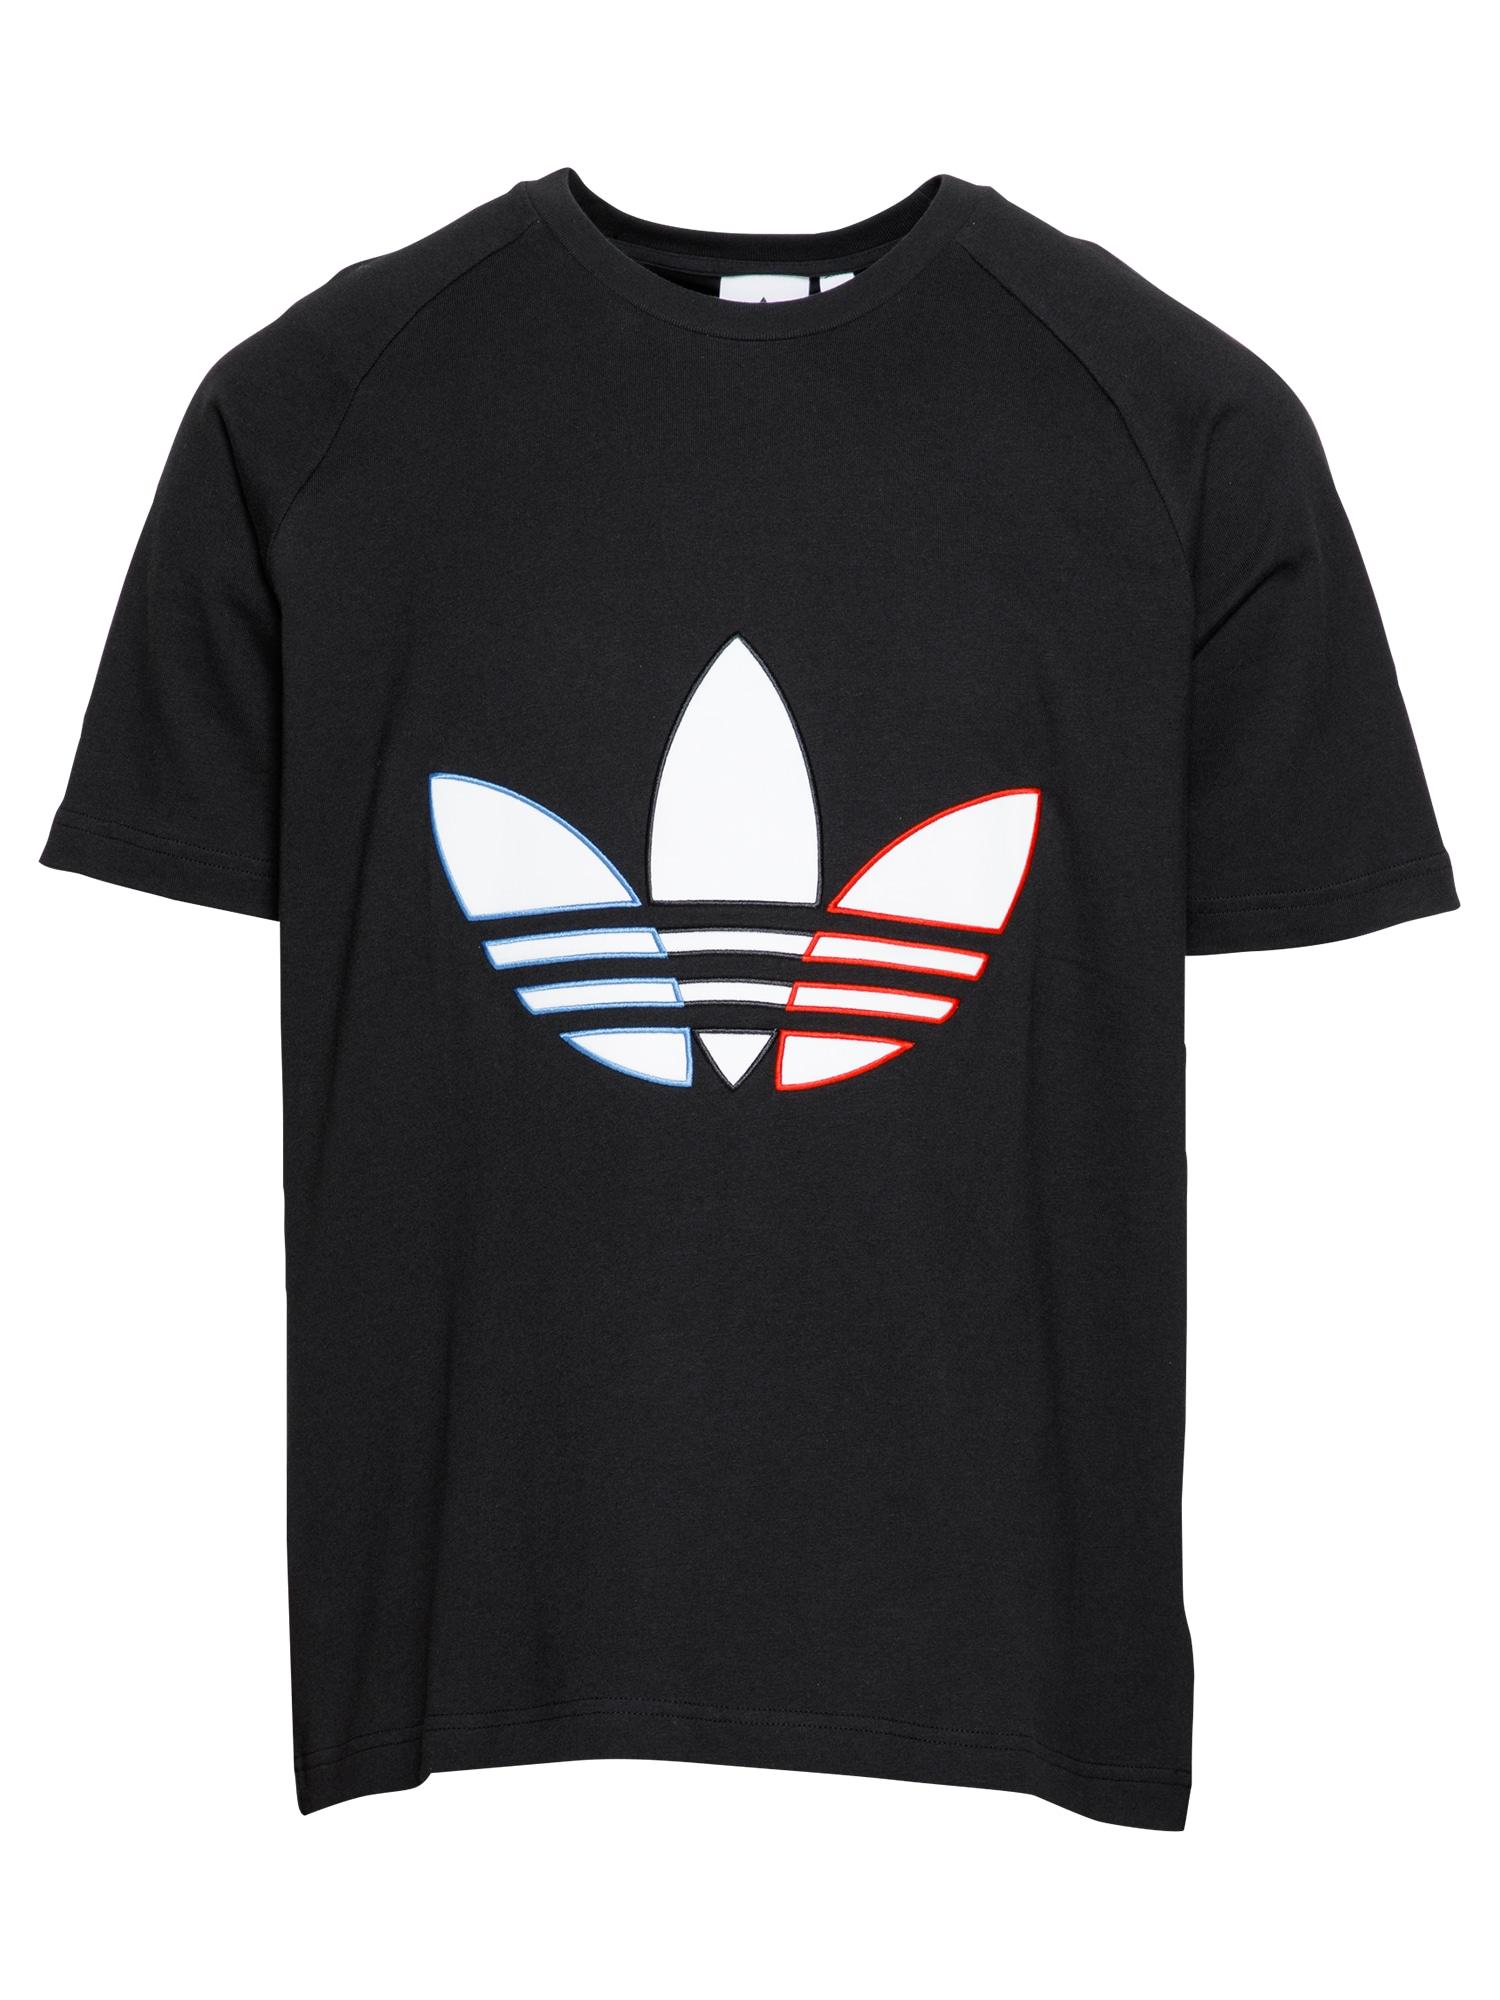 ADIDAS ORIGINALS Marškinėliai juoda / balta / raudona / dangaus žydra